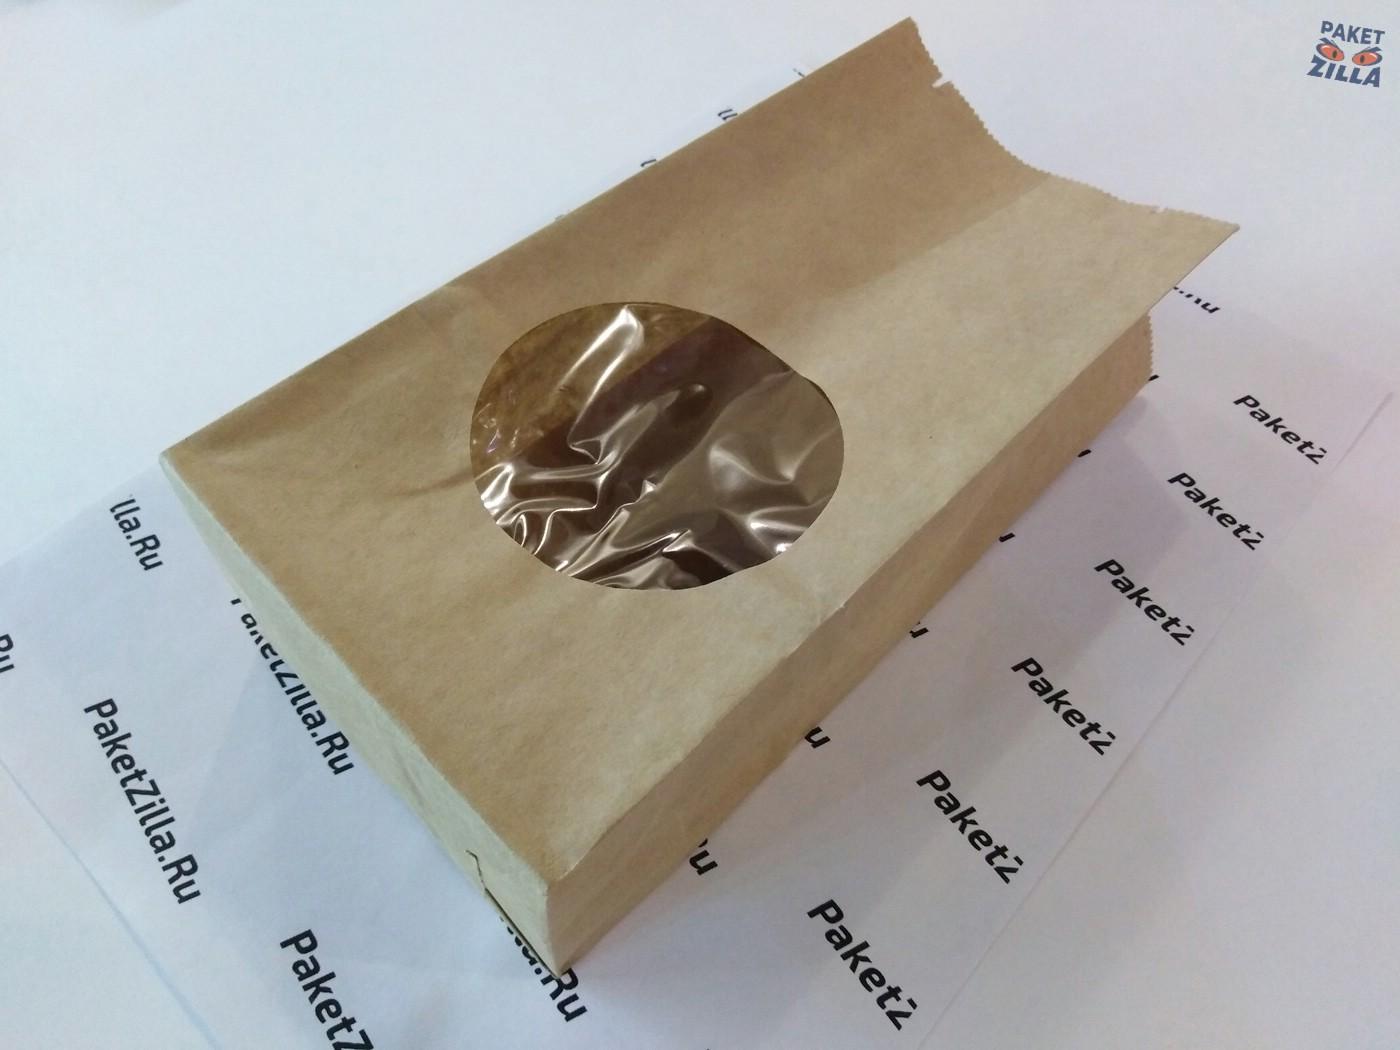 Крафт пакет 200 * 100 * 60 мм с окном. 2-х слойный. 12.